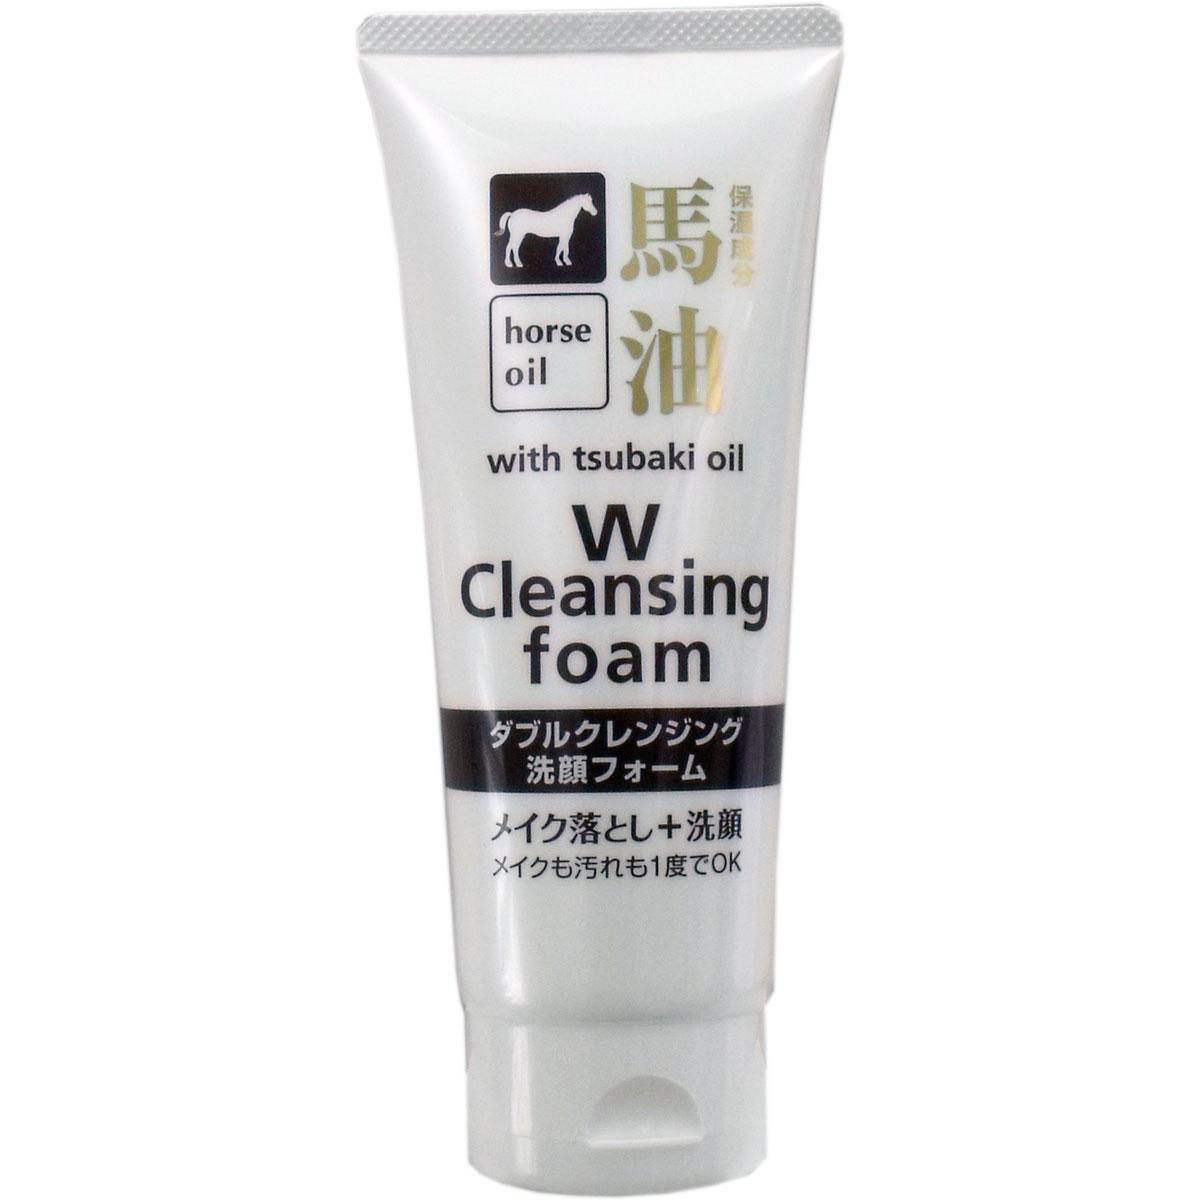 馬油 ダブルクレンジング洗顔フォーム 箱/ケース売 96入